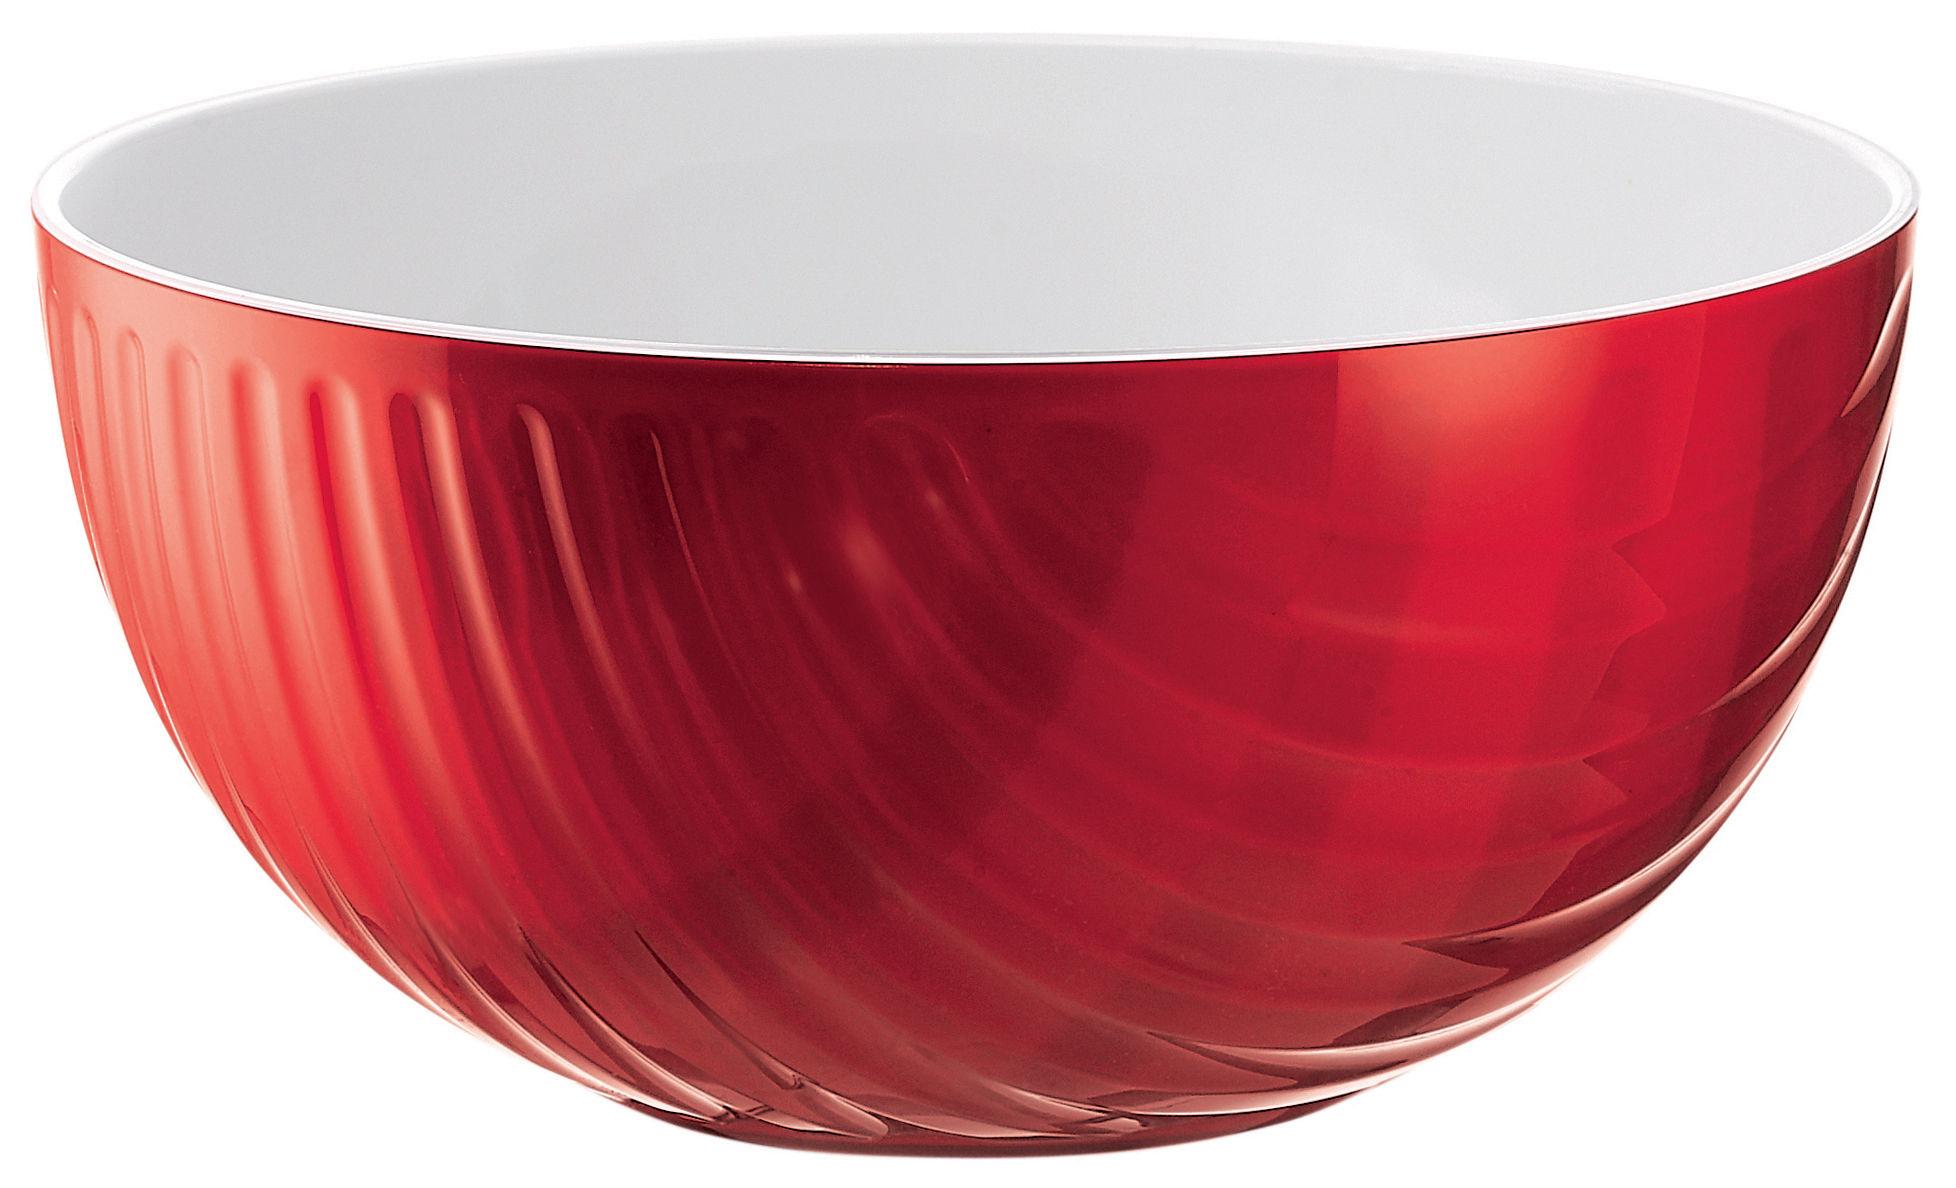 Plafoniere Per Esterno Guzzini : Mirage ciotola rosso interno bianco by guzzini made in design